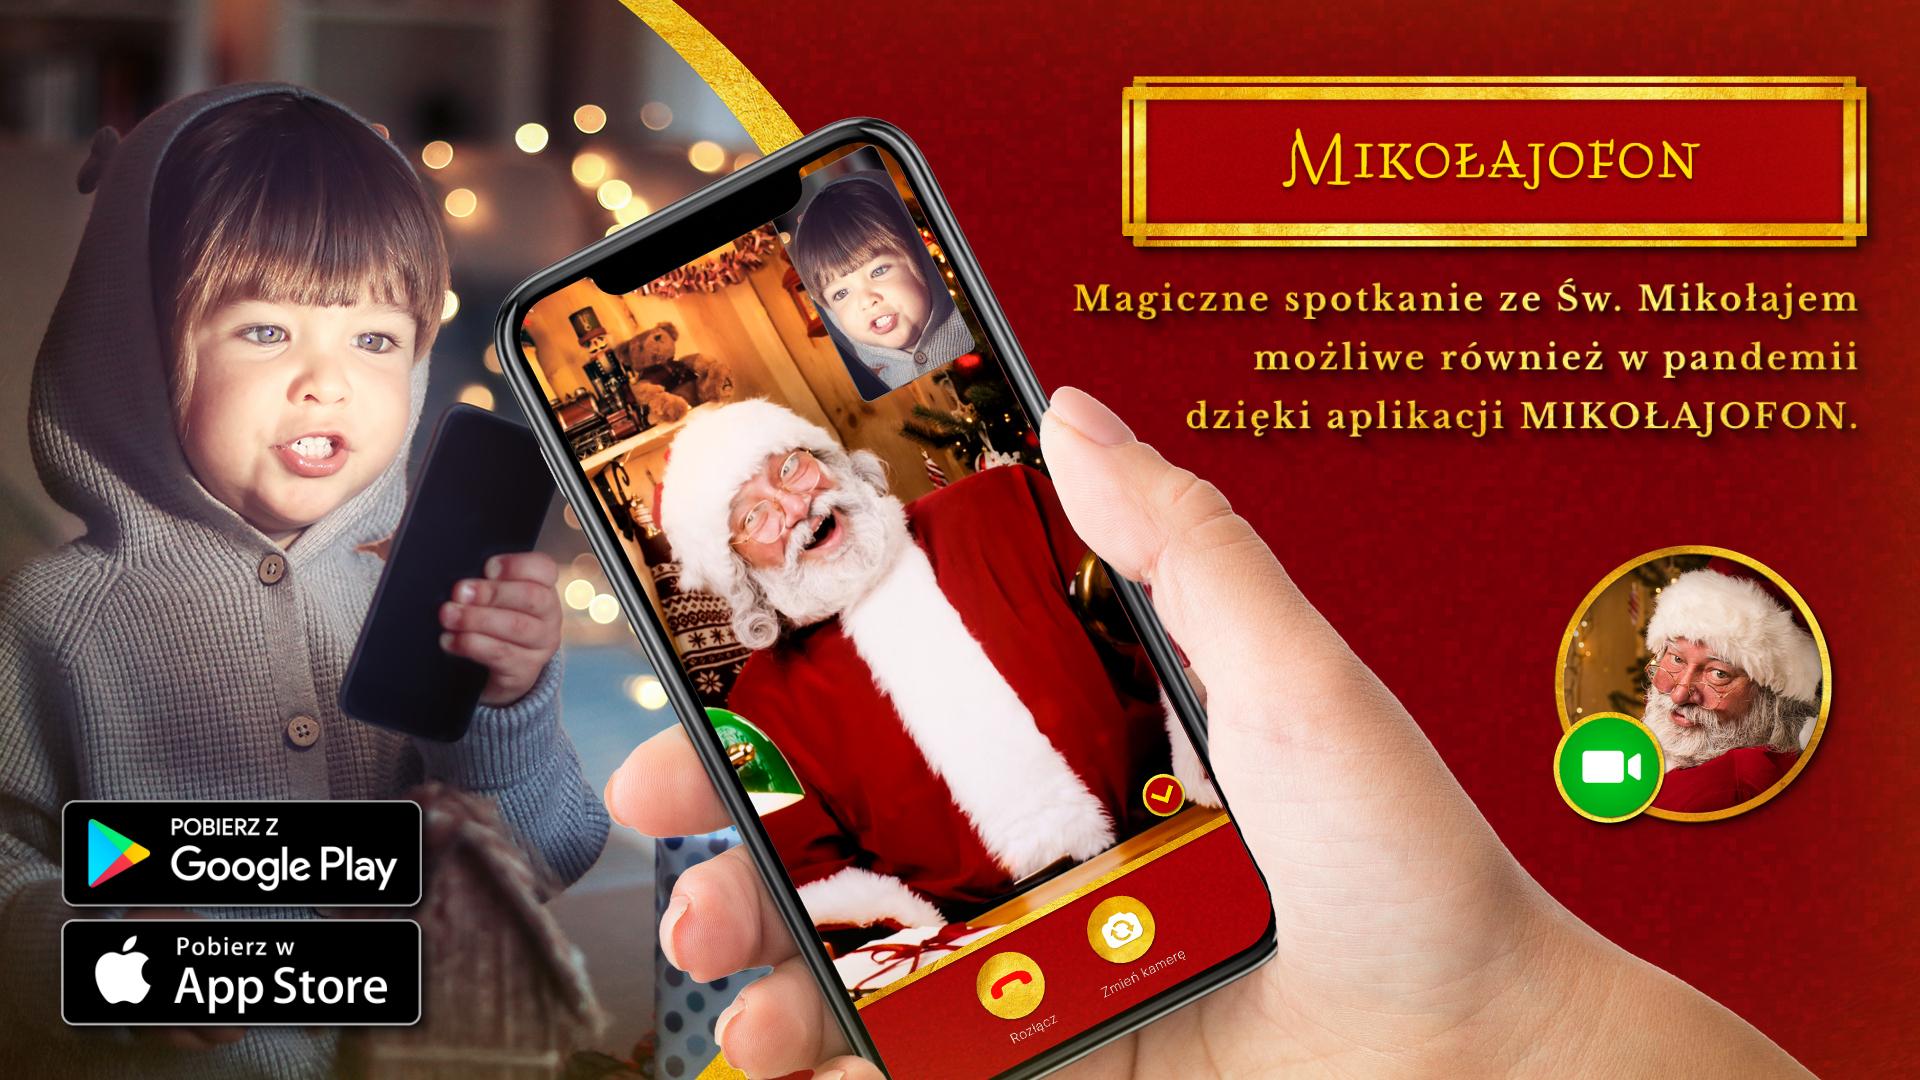 Magiczne spotkanie ze Świętym Mikołajem możliwe również w pandemii – dzięki aplikacji Mikołajofon